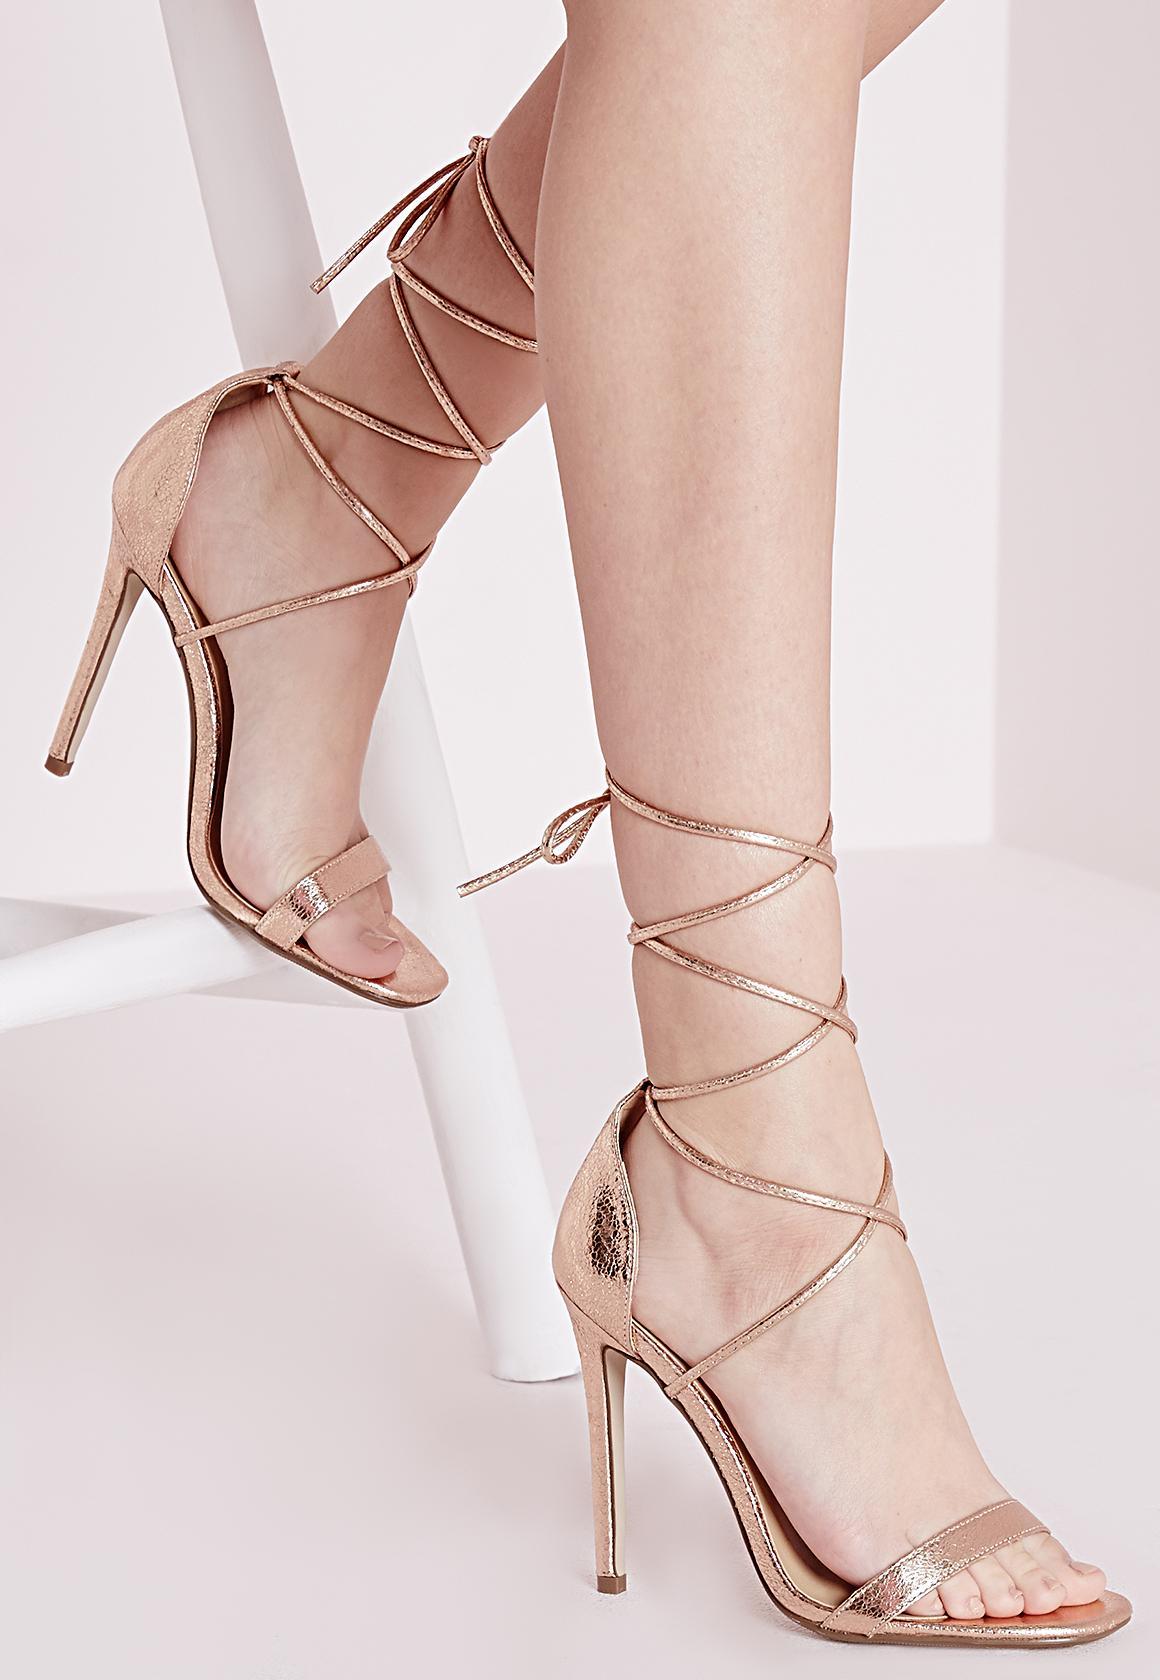 جدیدترین مدل از کفش مجلسی پاشنه بلند طلایی